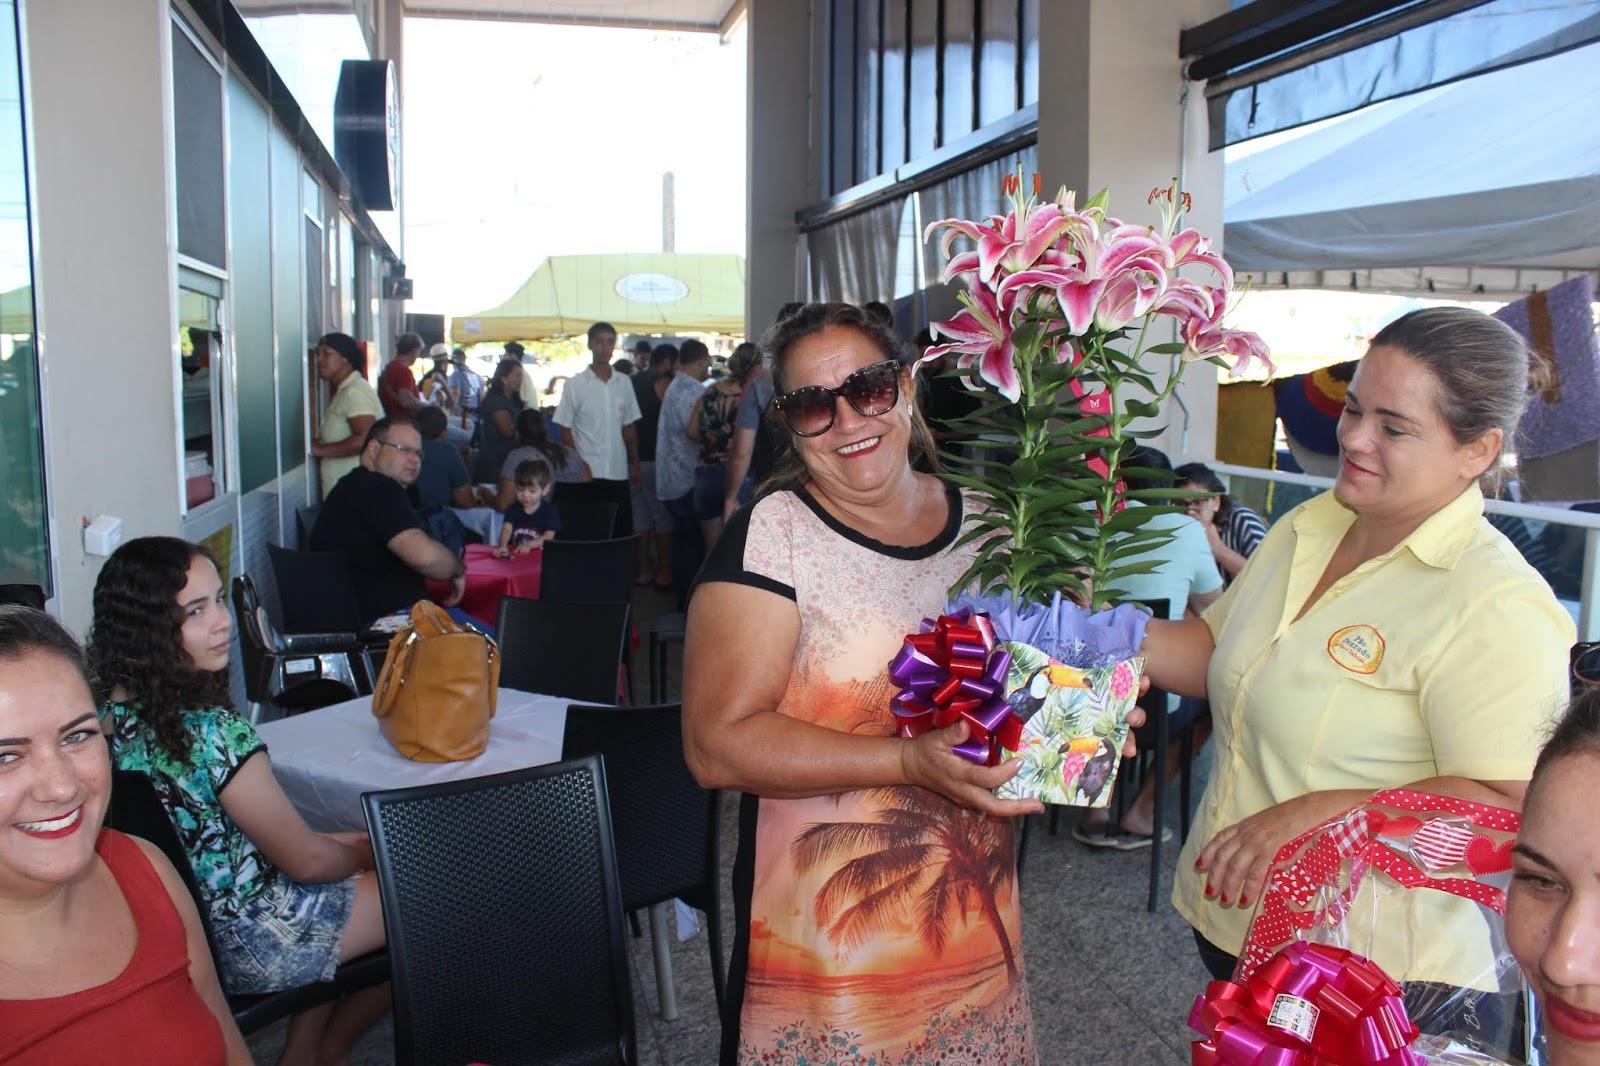 IMG 3663 - Dia 12 de maio dia das Mães no Jardins Mangueiral foi com muta diverção e alegria com um lindo café da manha